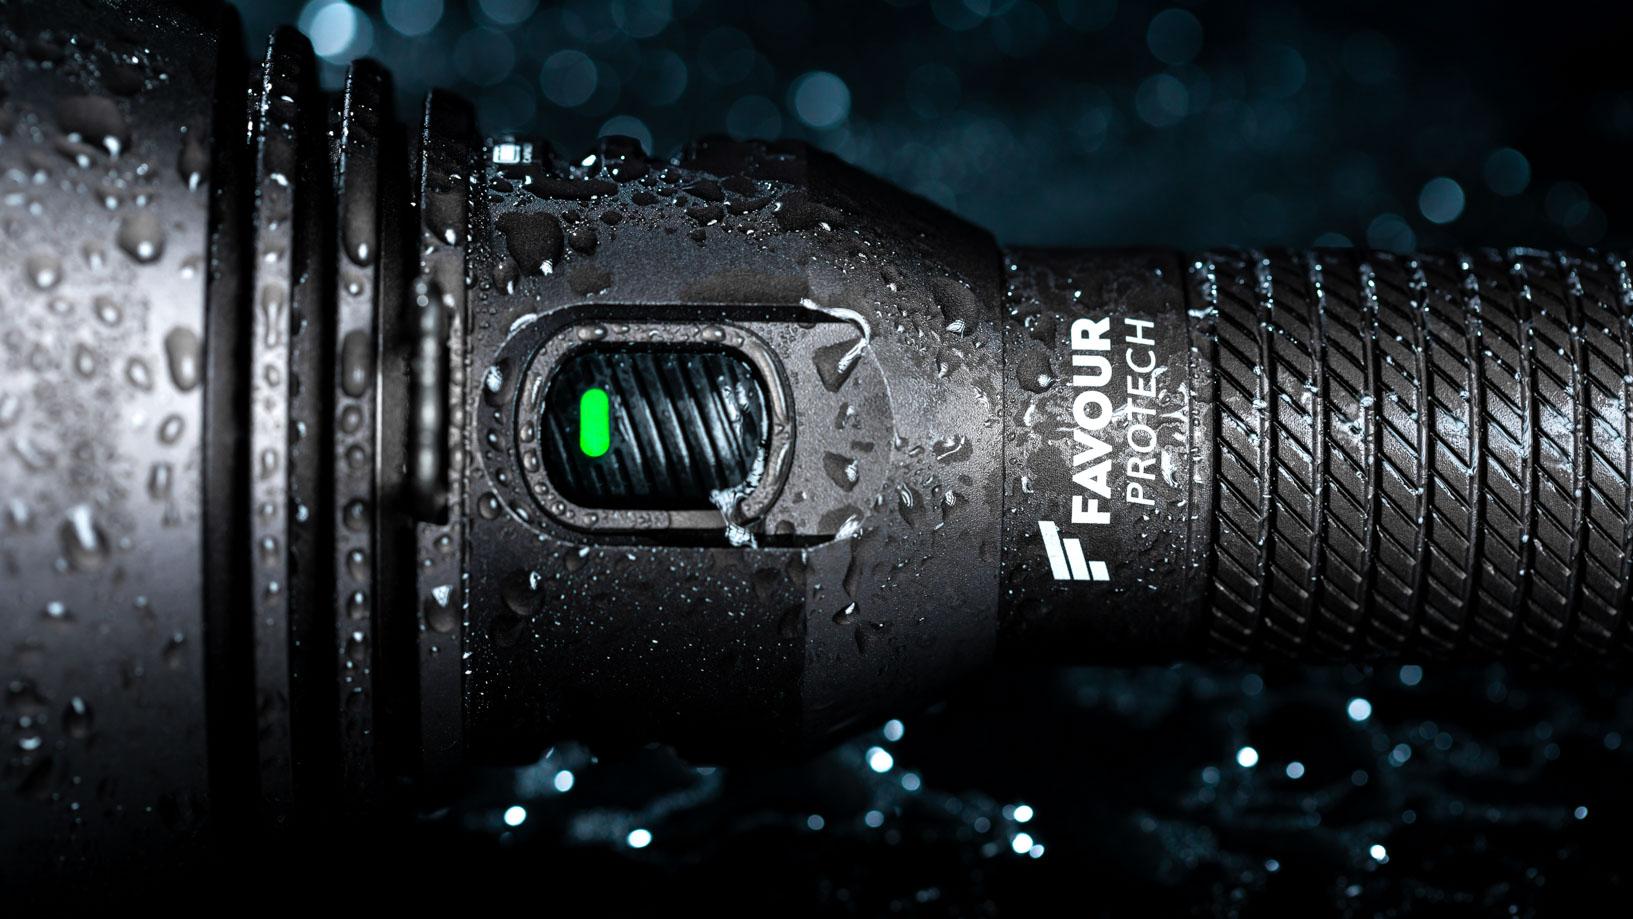 Portfolio-Marketing-Lynx-Ektor-Tsolodimos-Bedrijfsfotografie-Eindhoven-61